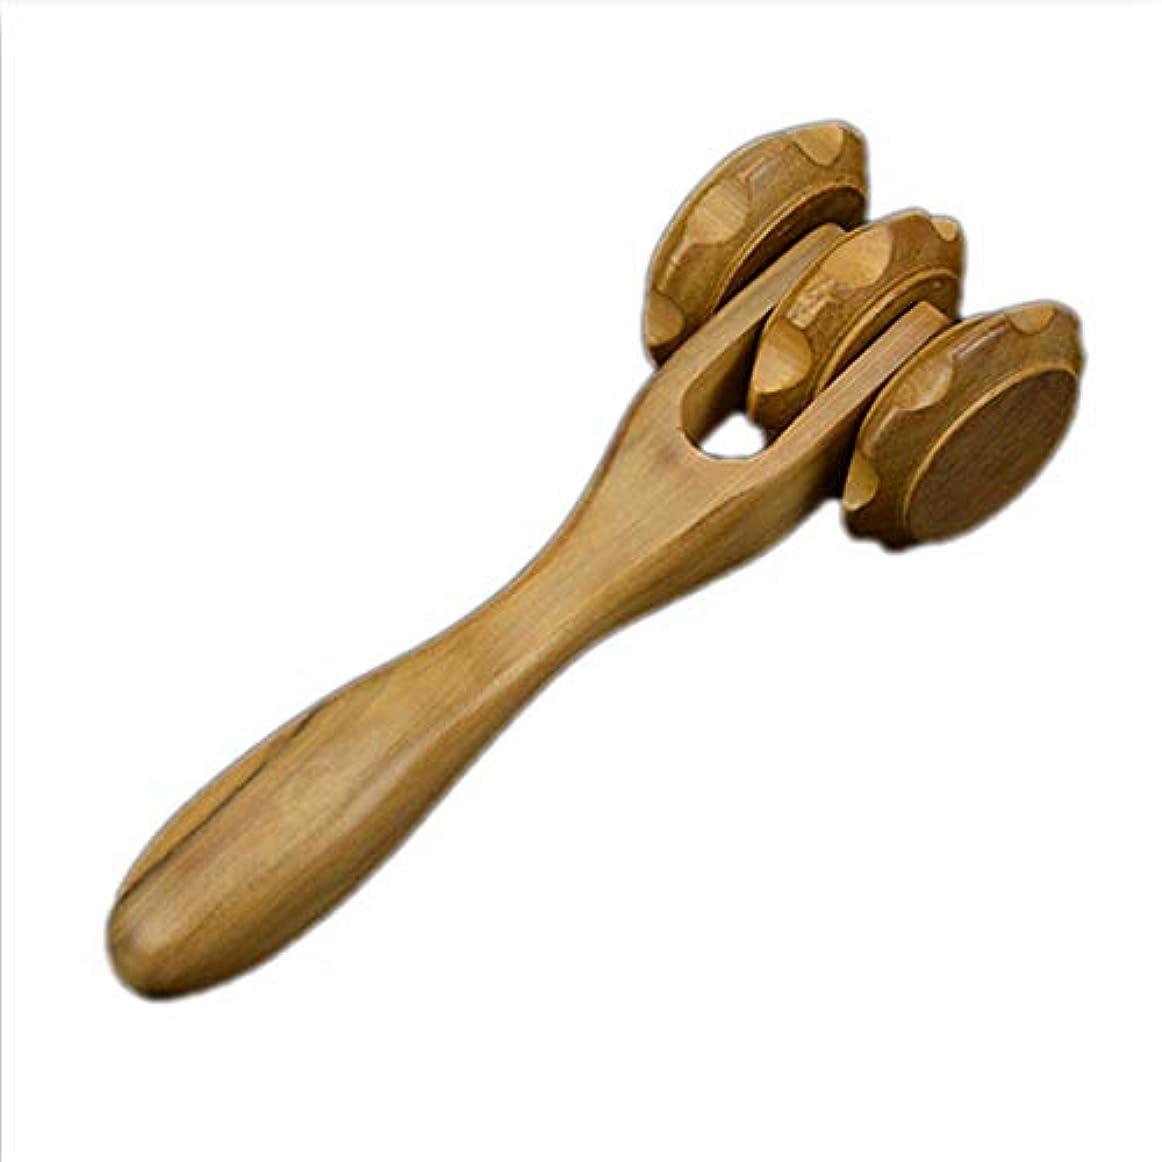 ハプニングゴールデン対フェリモア マッサージローラー 木製 ツボ押し 3連ローラー 首 肩 腰 二の腕 美顔 筋肉 (ブラウン)